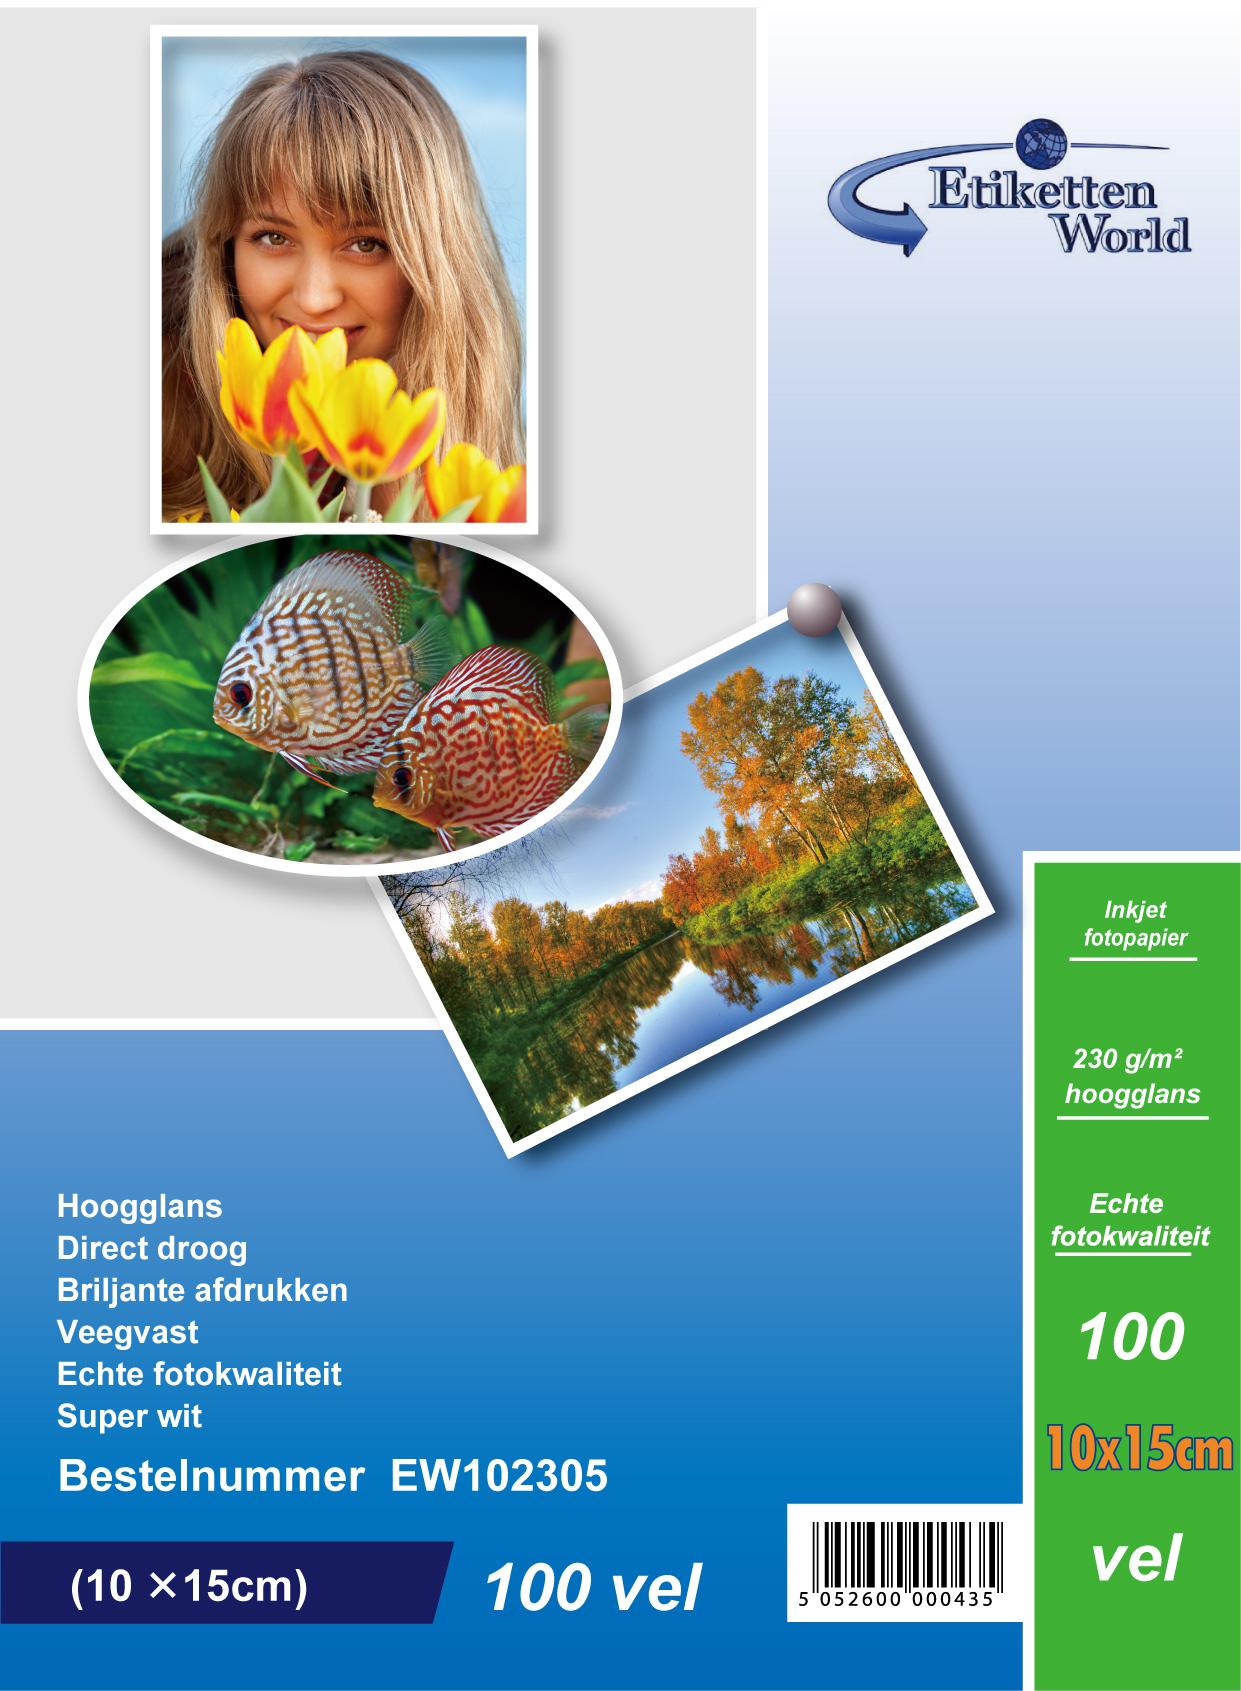 EtikettenWorld BV Fotopapier 10x15 cm 230g/qm High Glossy und wasserfest